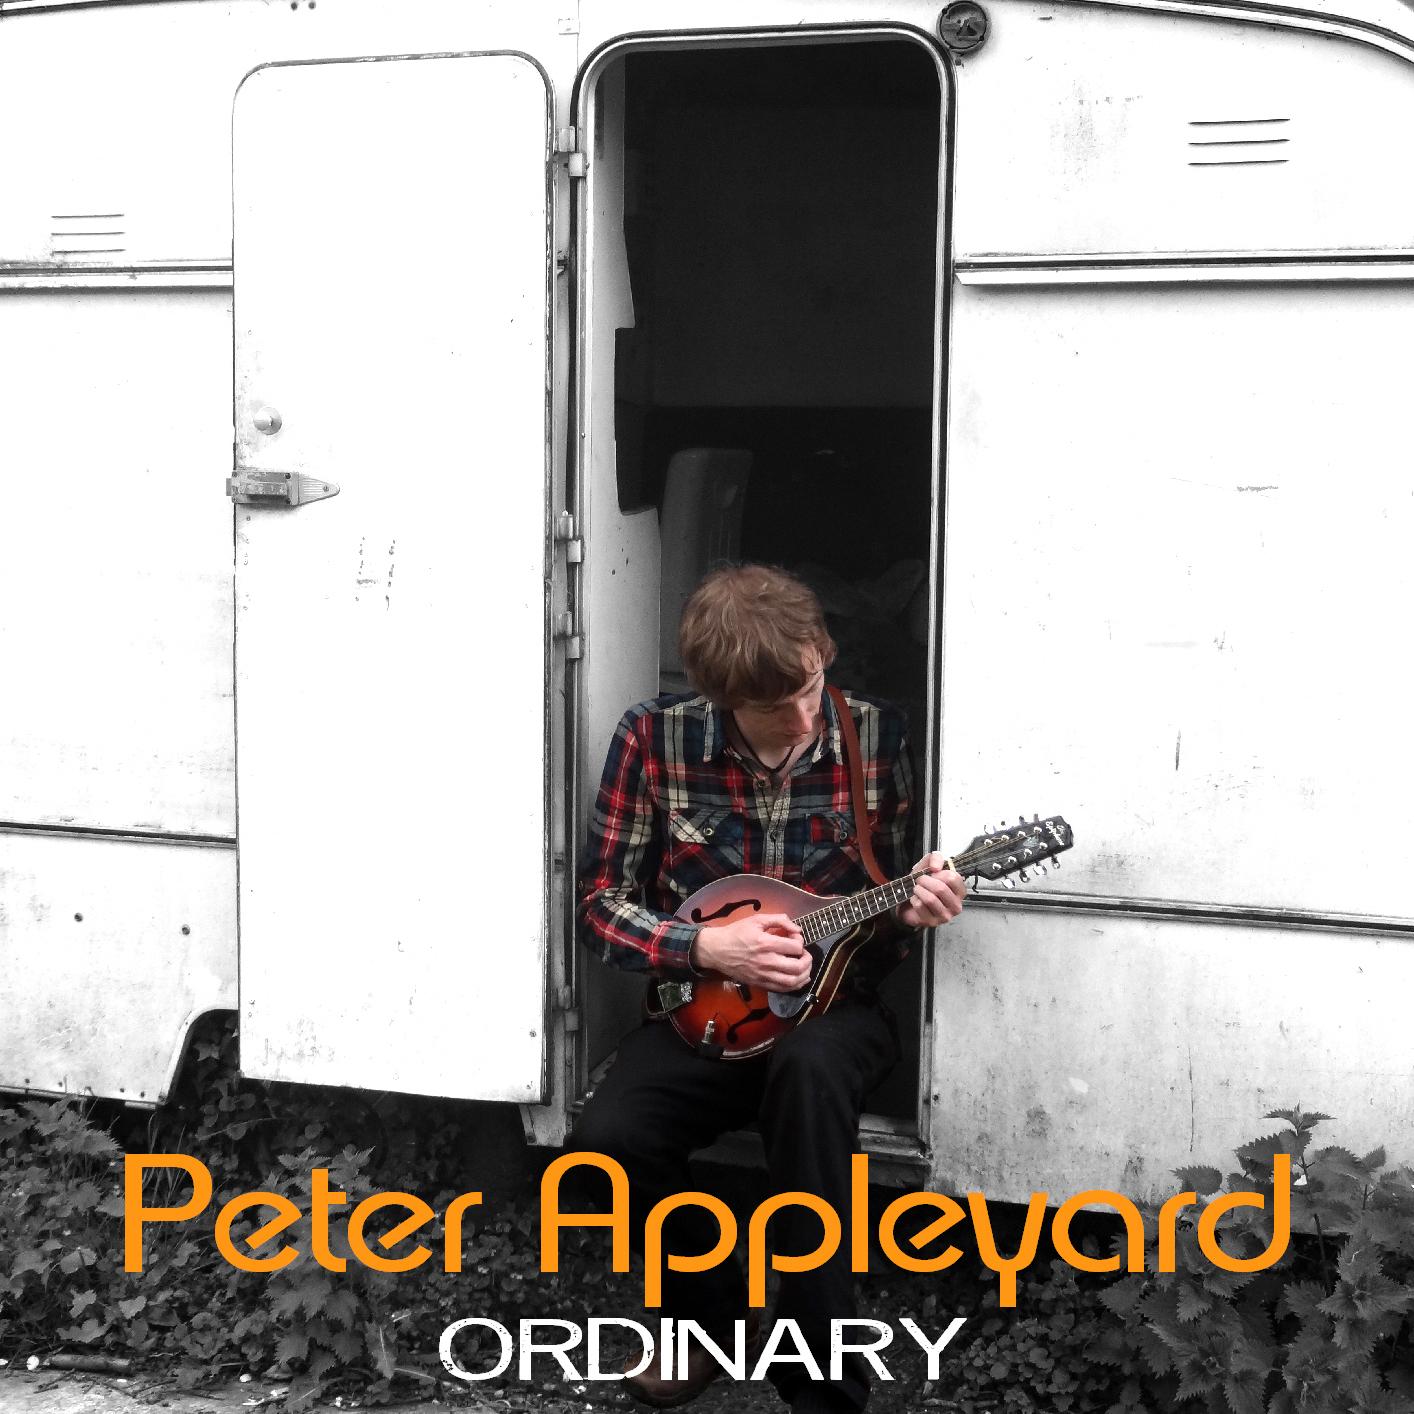 Ordinary - Digital download - Peter Appleyard